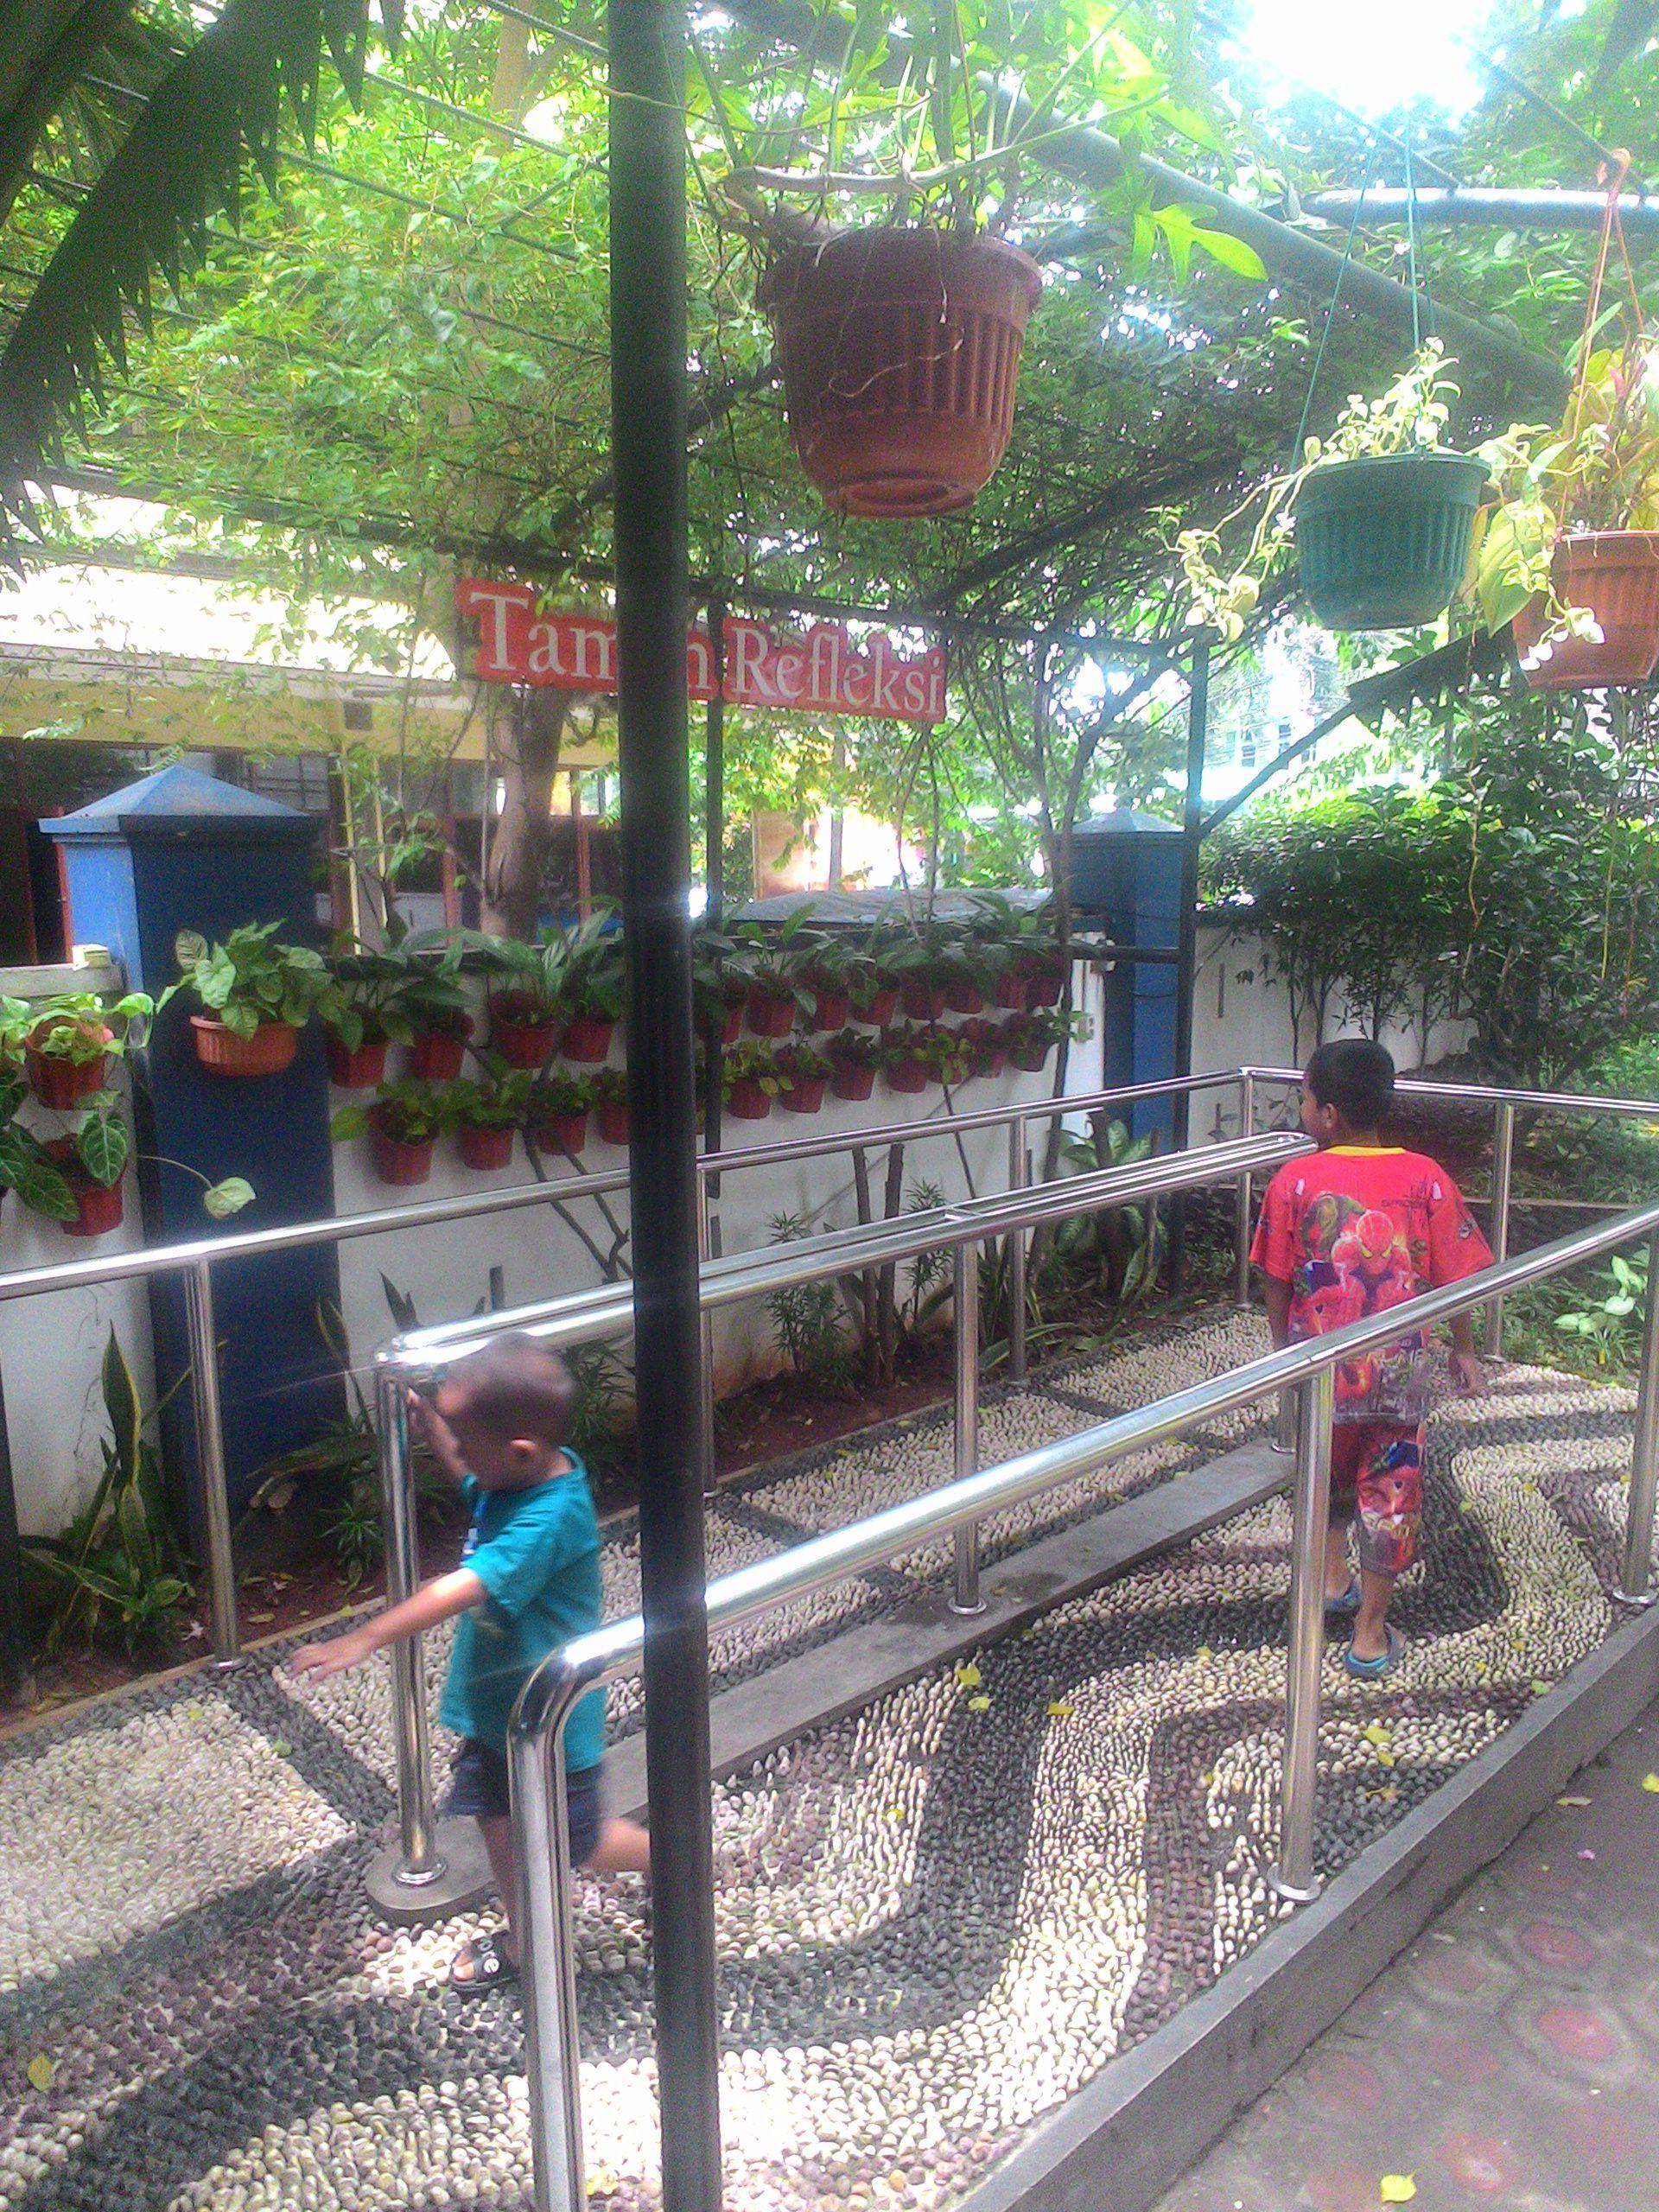 Puskesmas Keren Kebon Jeruk Ramai Dibicarakan Foto Taman Refleksi Kecamatan